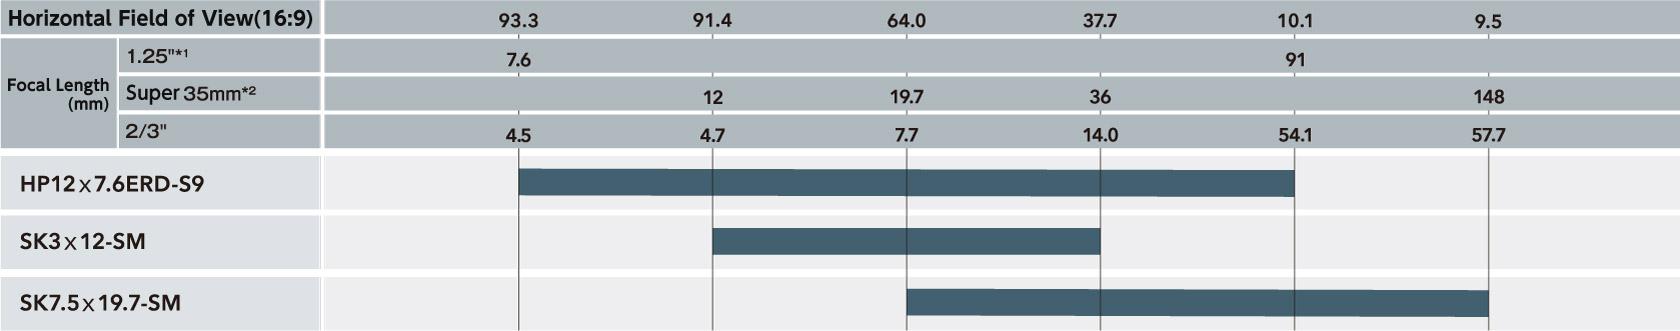 [imagen] Gráfico que compara el campo de visión horizontal (16:9) y la longitud focal (mm) por número de modelo